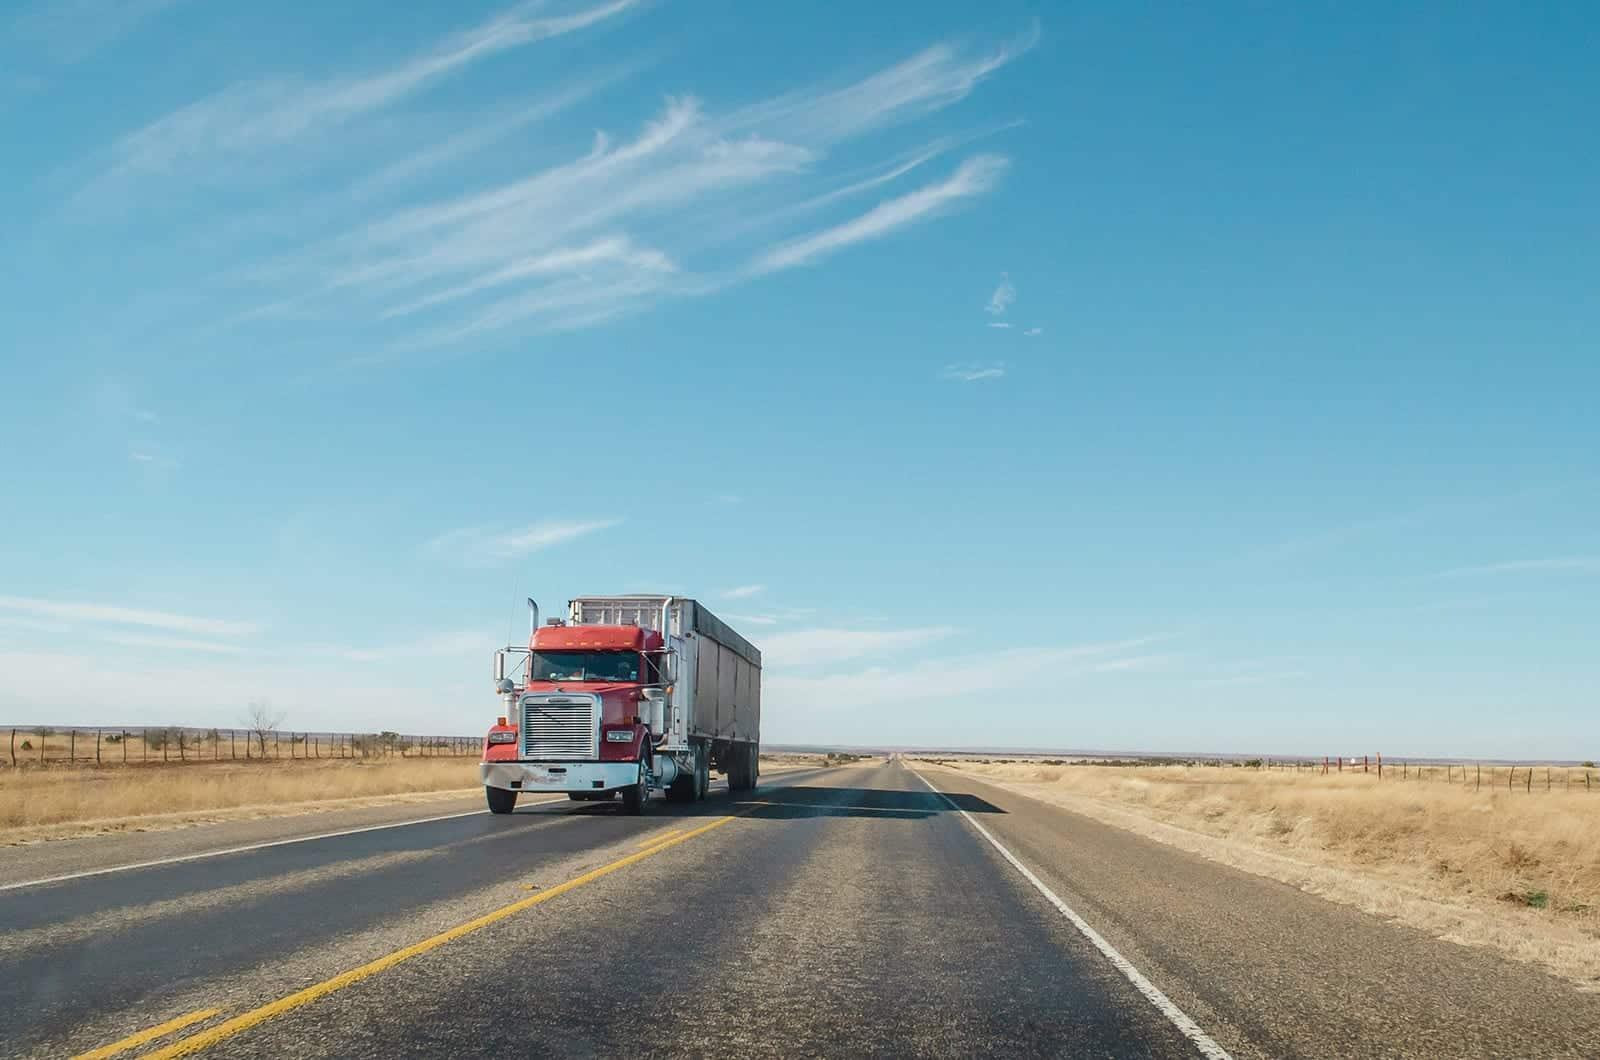 Tractor trailer truck driving down desert highway